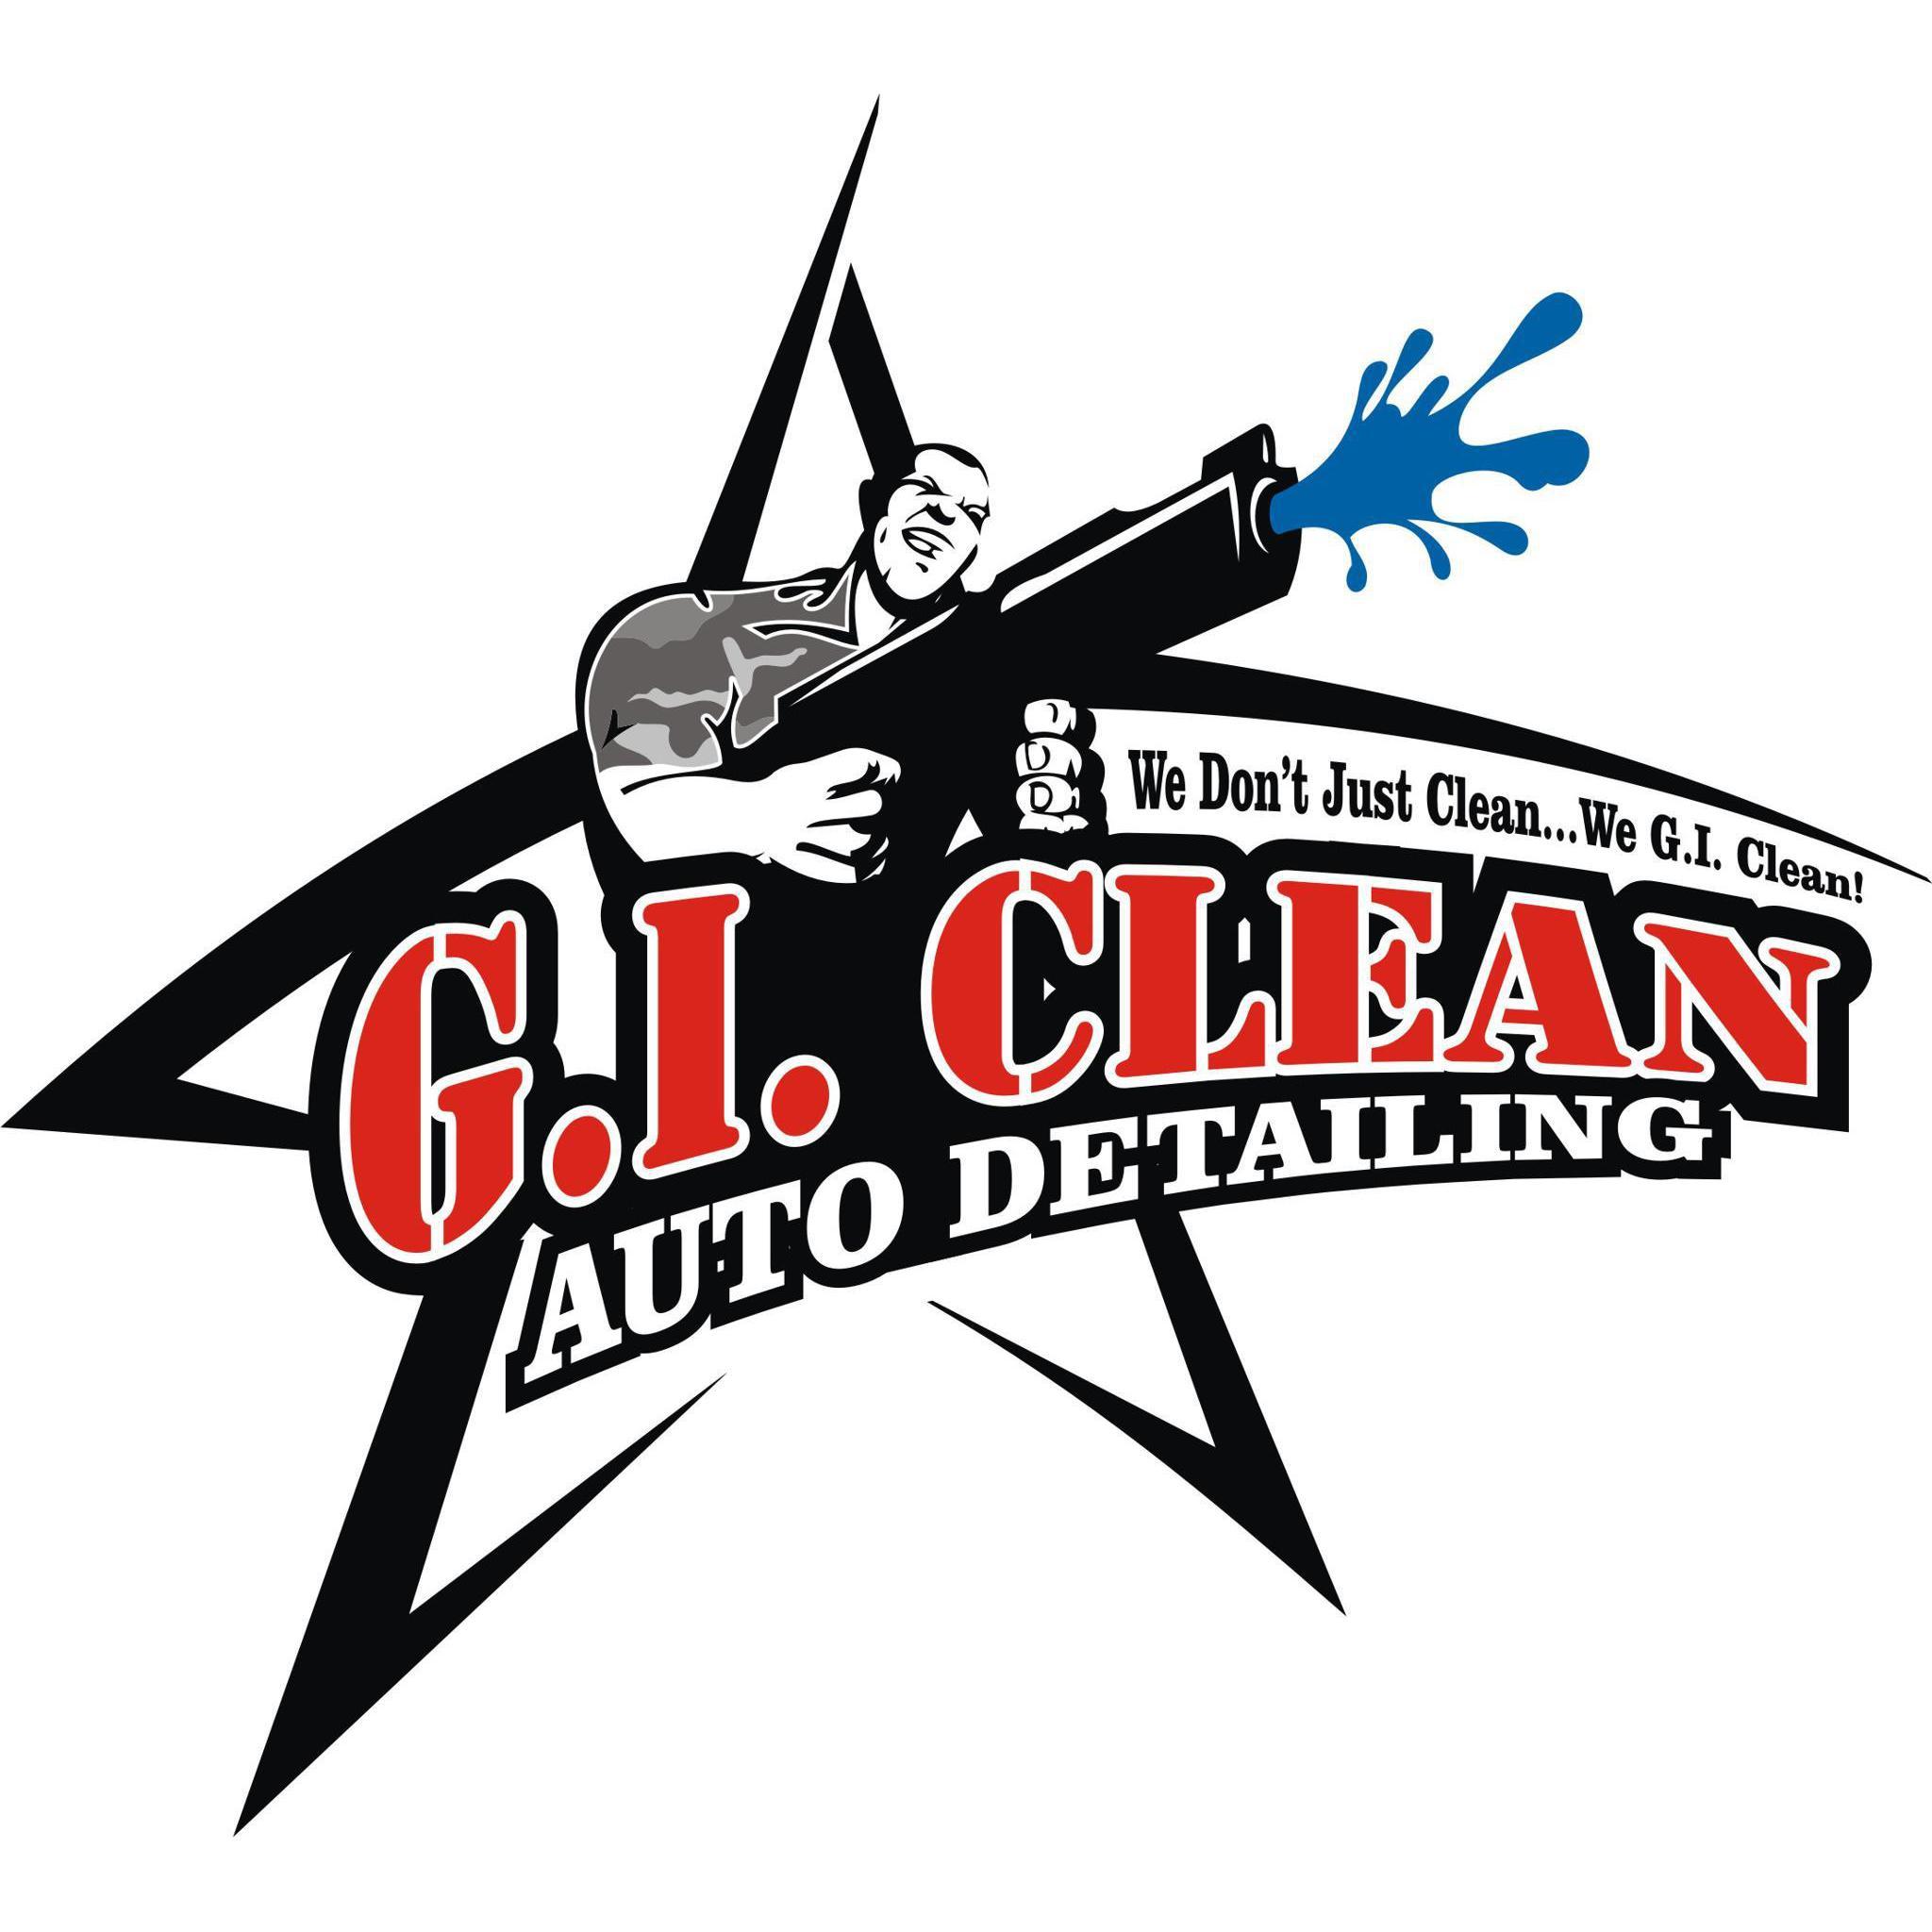 GI CLEAN Auto Detailing - Orlando, FL 32801 - (407)705-3403 | ShowMeLocal.com